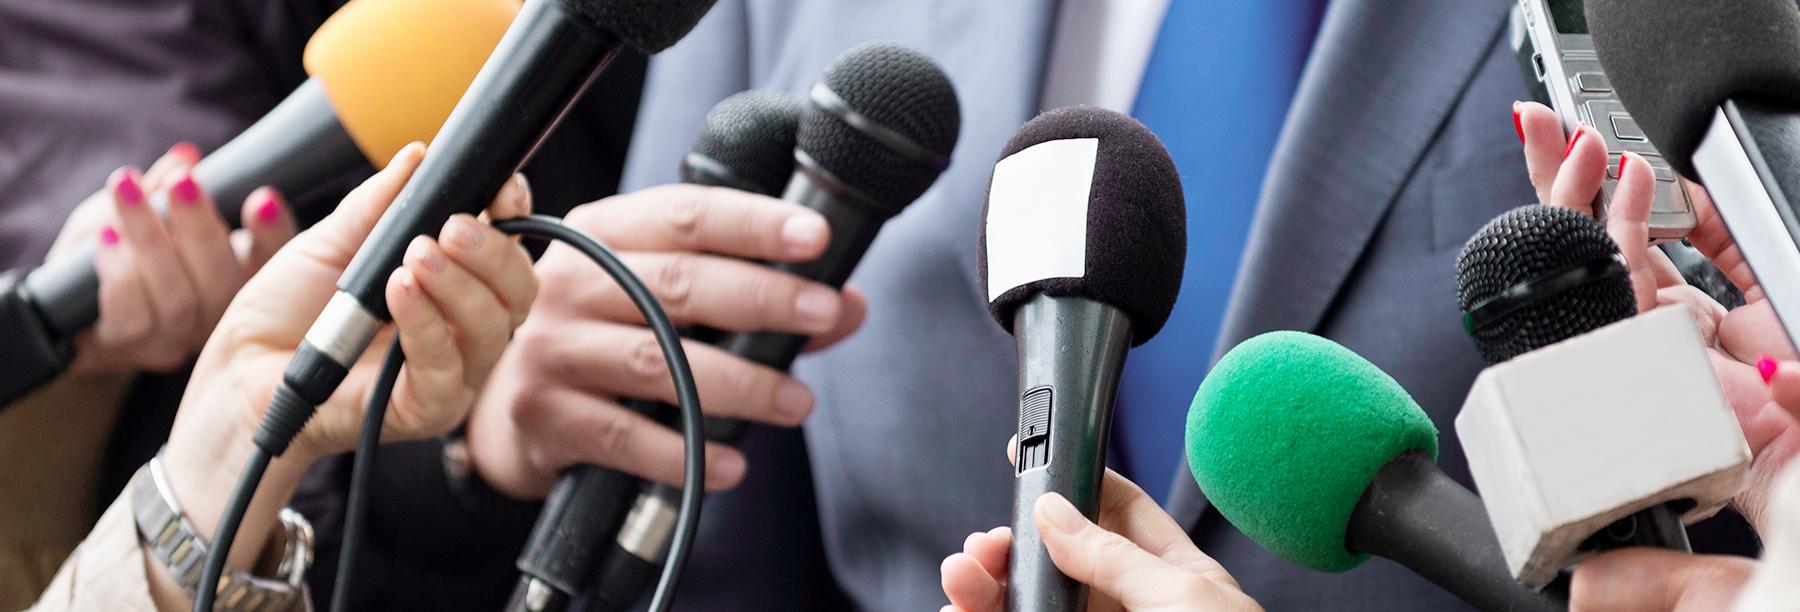 Institucionalna podrška ključna je za zaštitu novinara